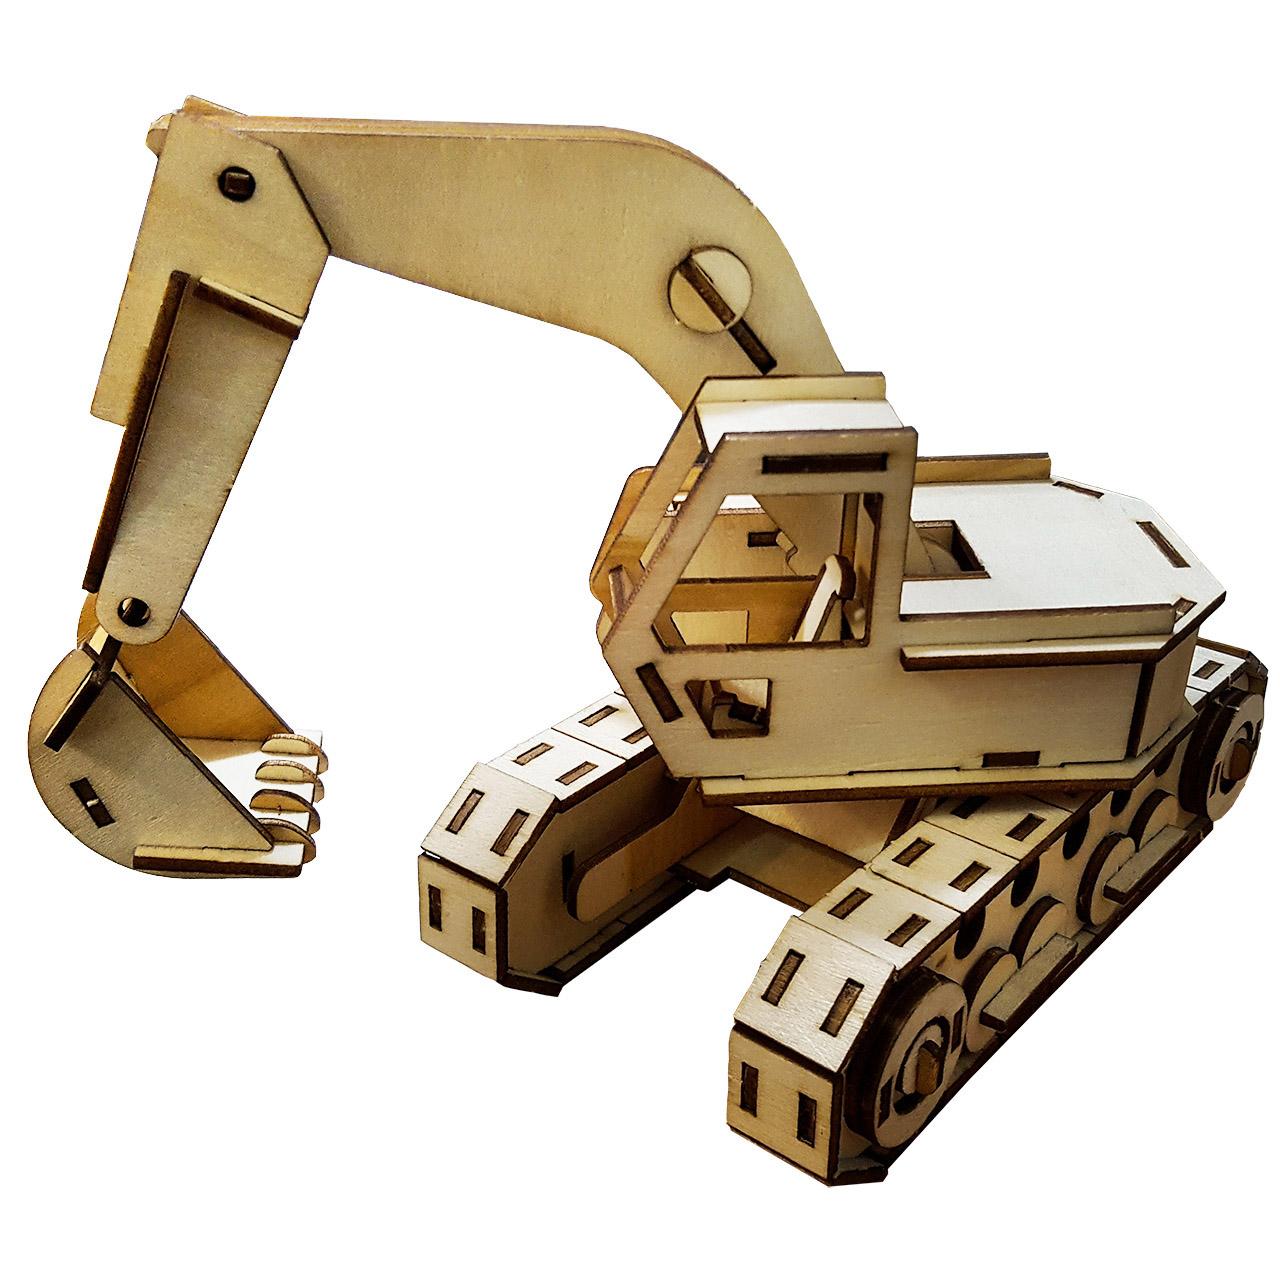 پازل چوبی سه بعدی برتاریو مدل بیل مکانیکی